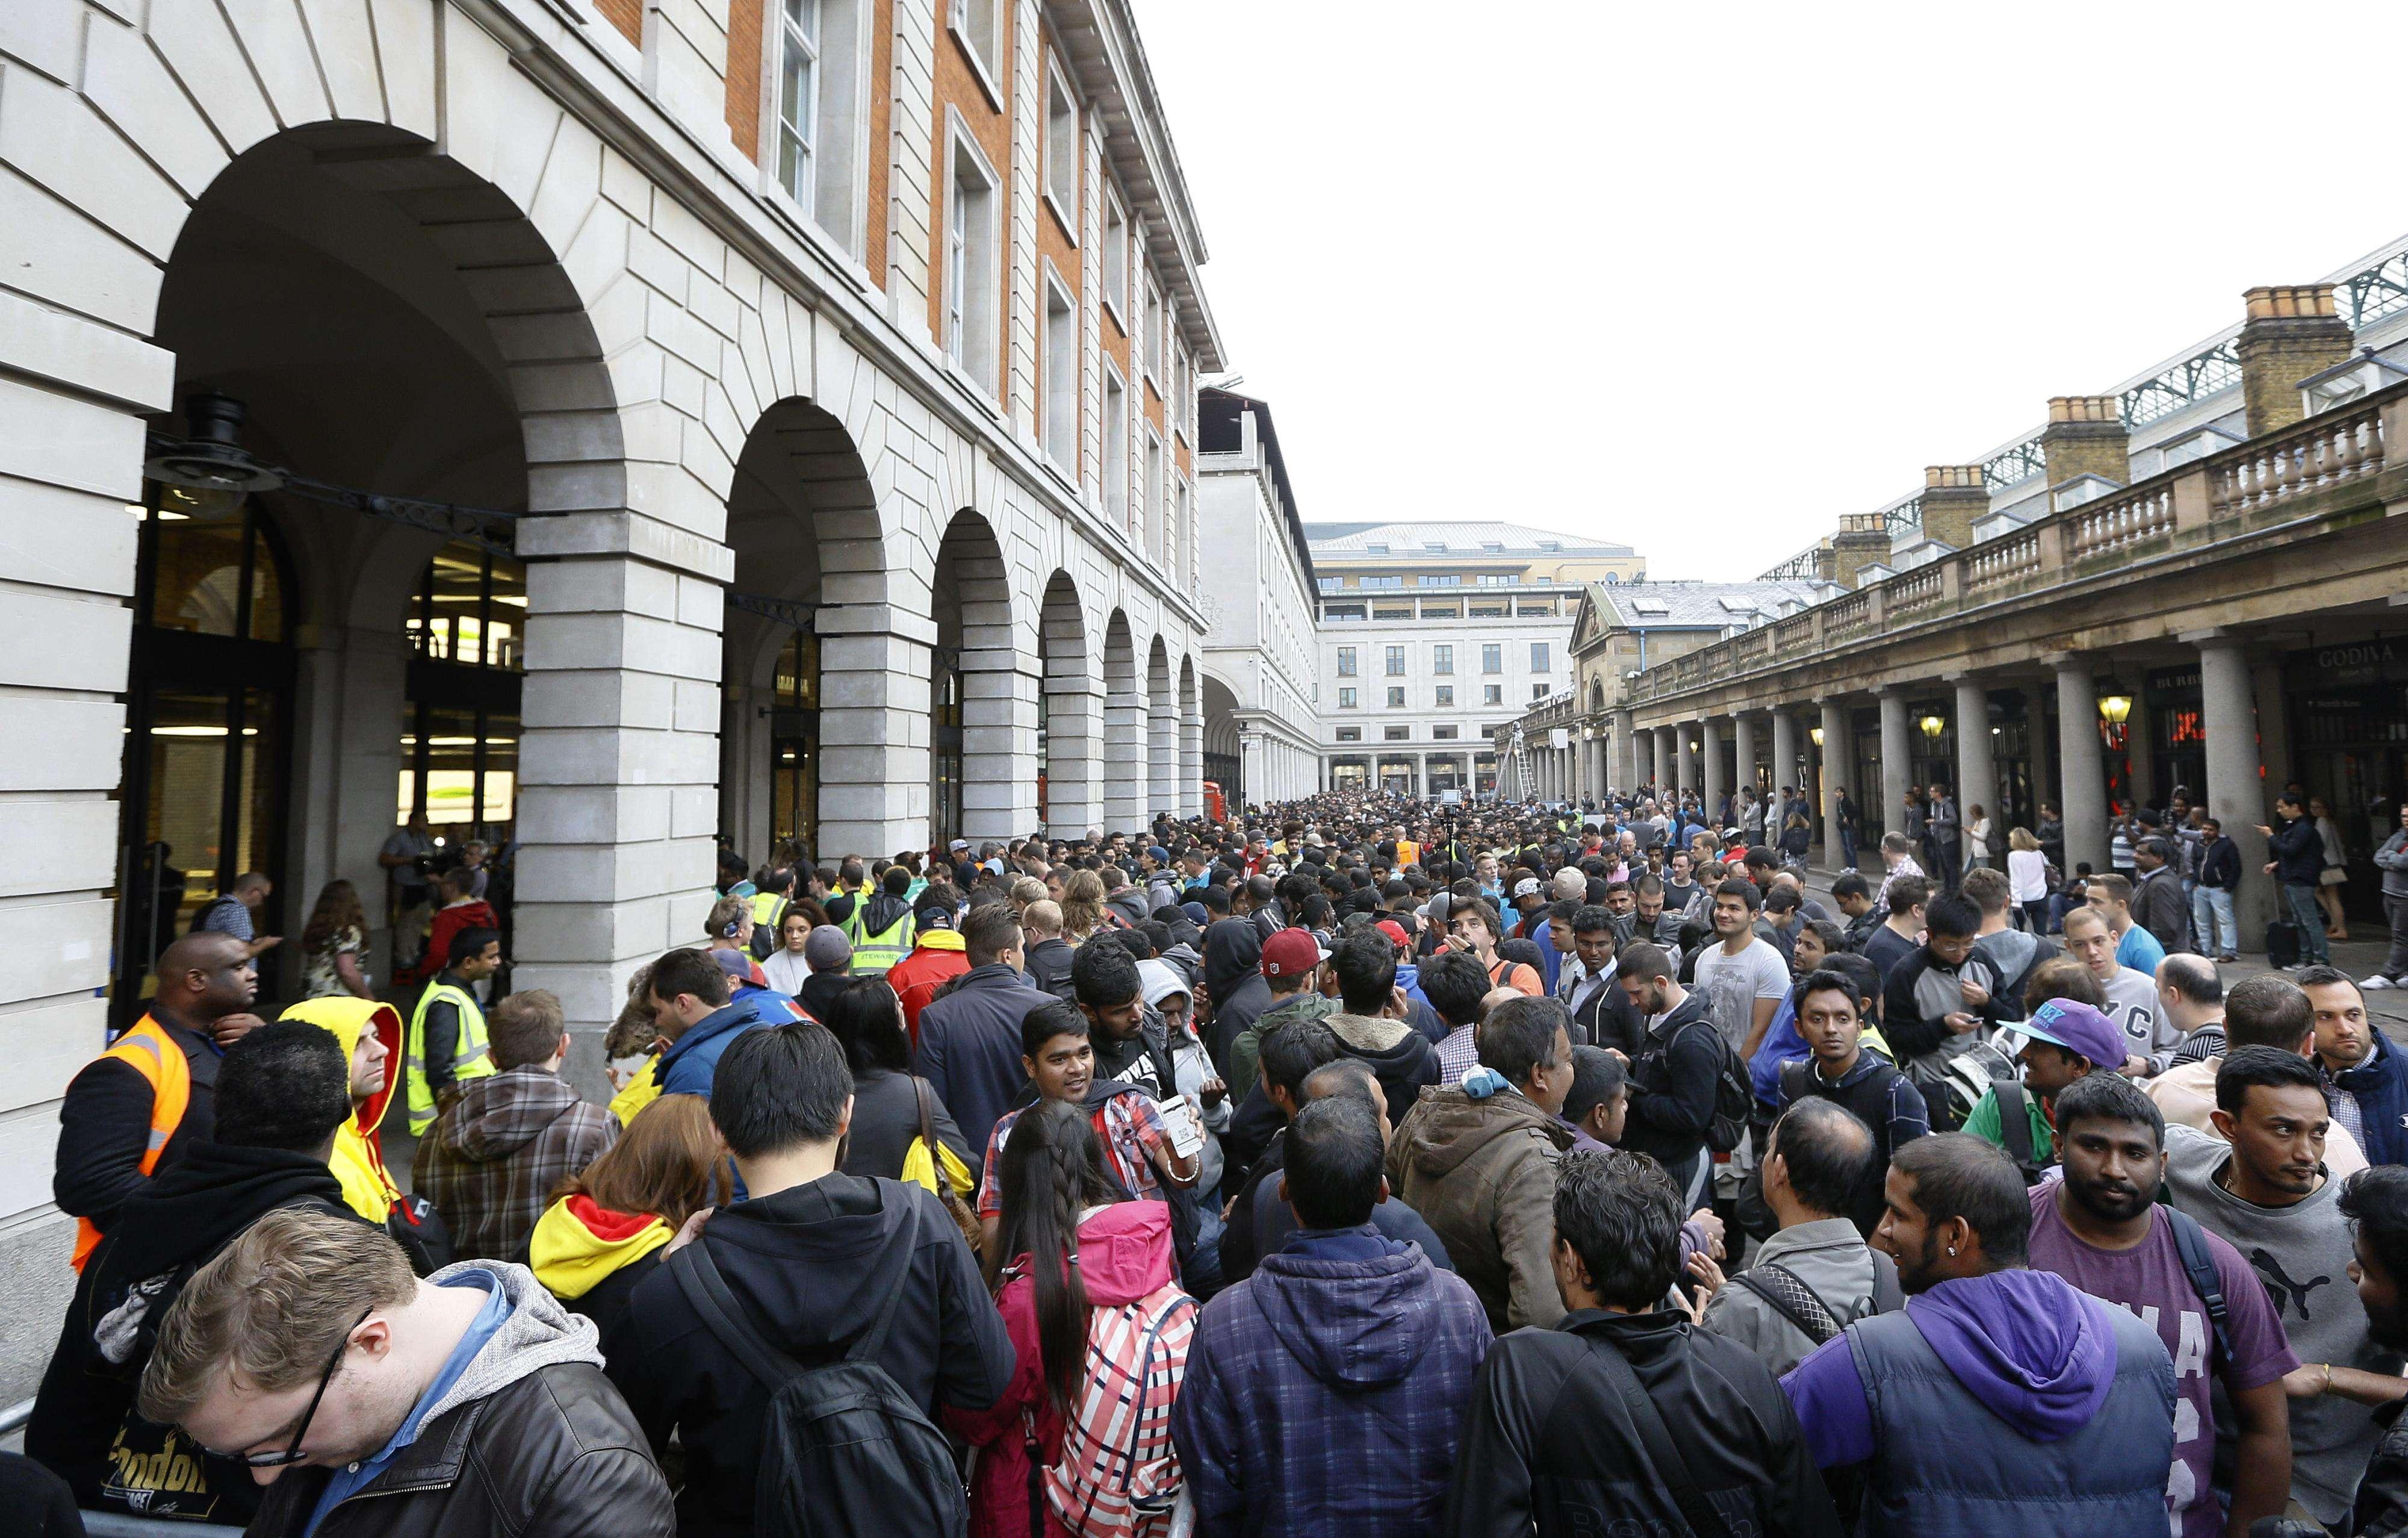 Una multitud hace fila para comprar el iPhone6 frente a la tienda de Apple en Covent Garden, en Londres. Foto: AP en español